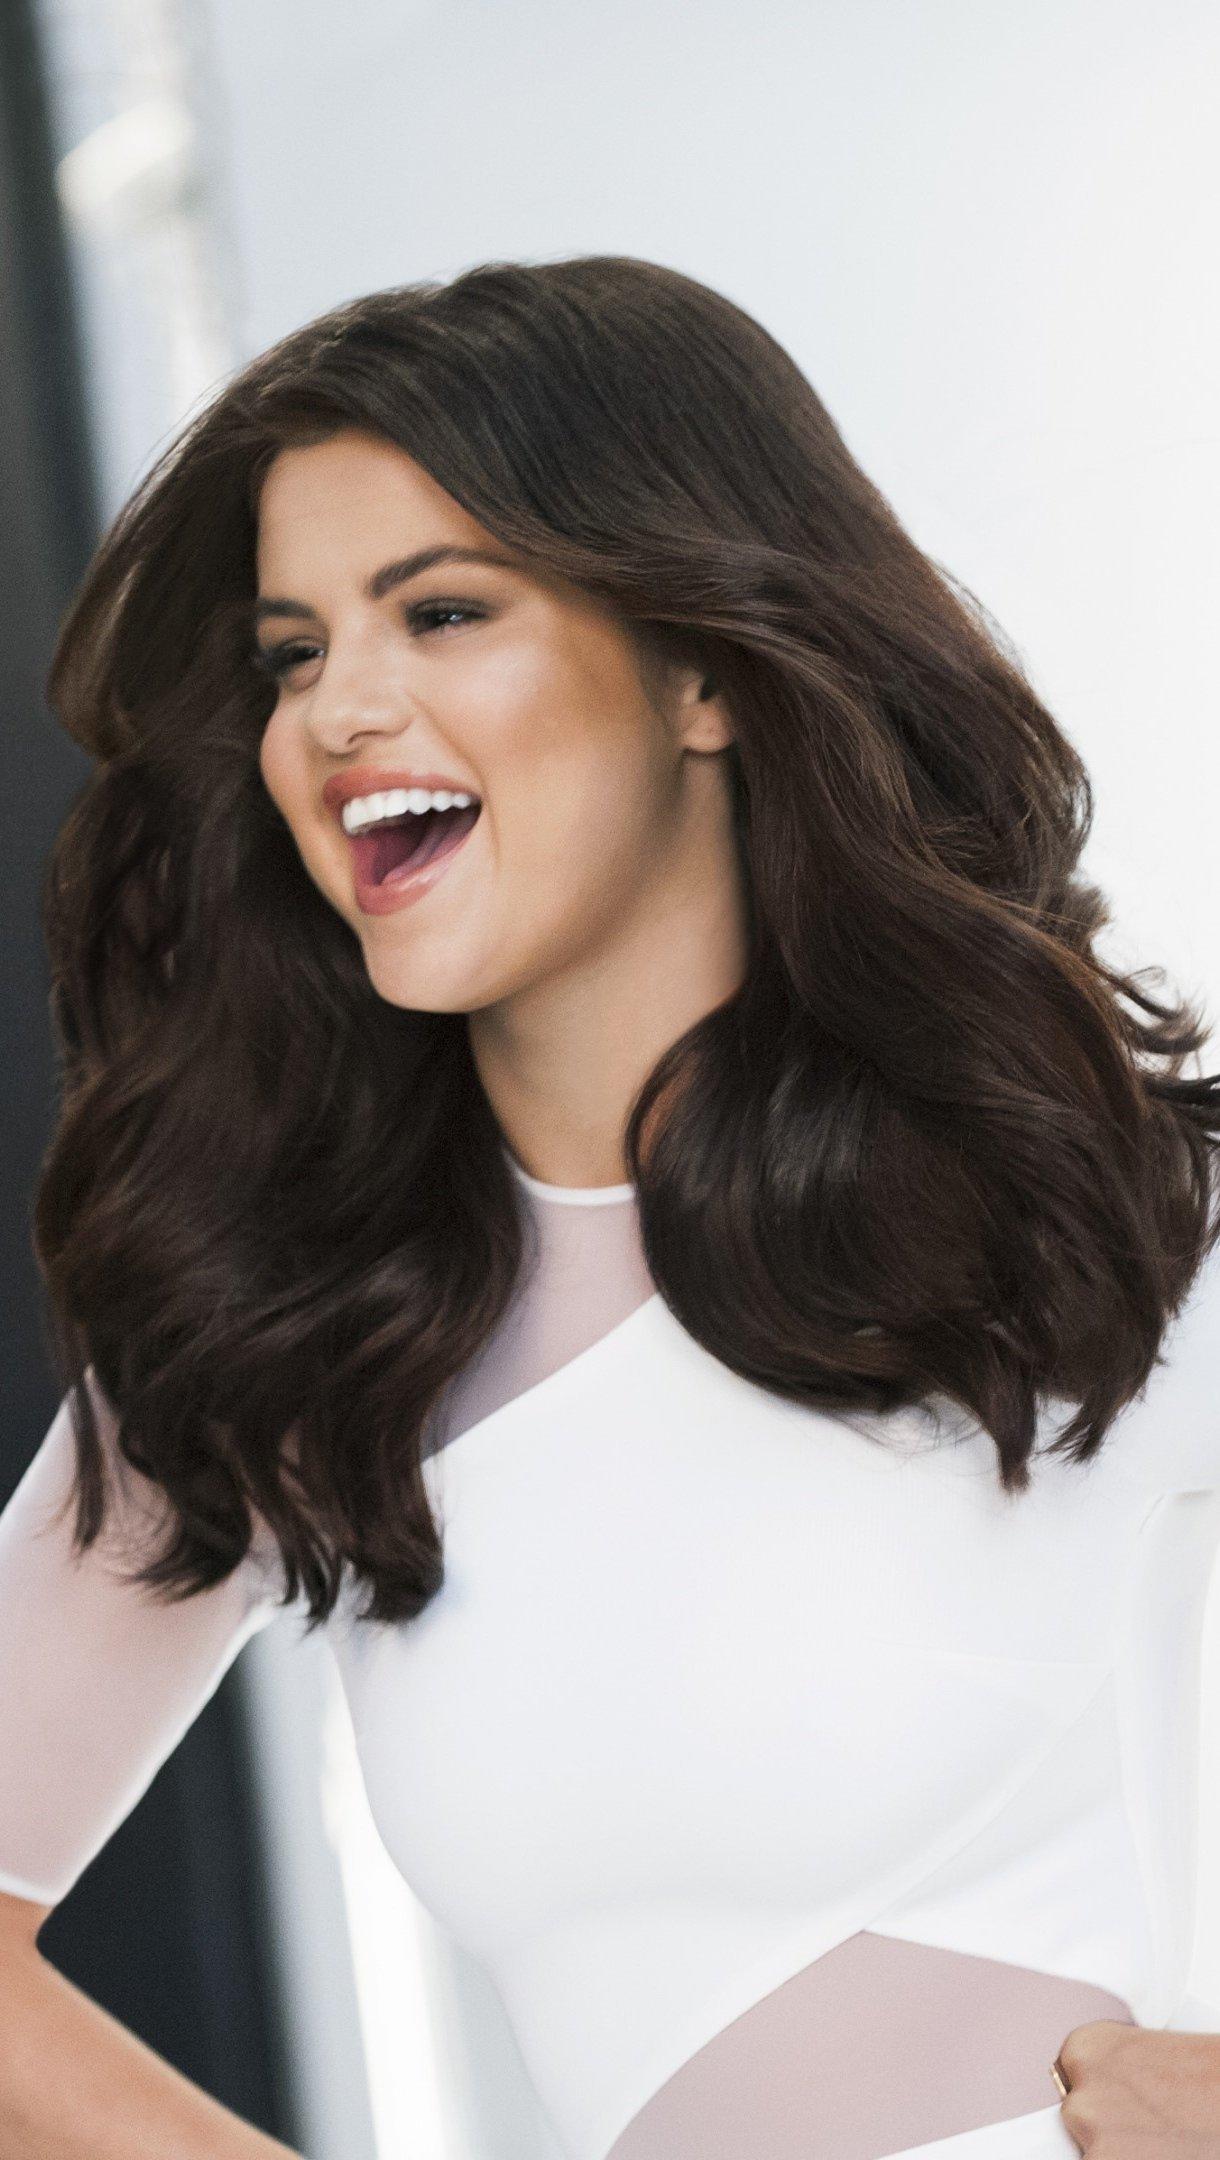 Fondos de pantalla Cantante Selena Gomez Vertical